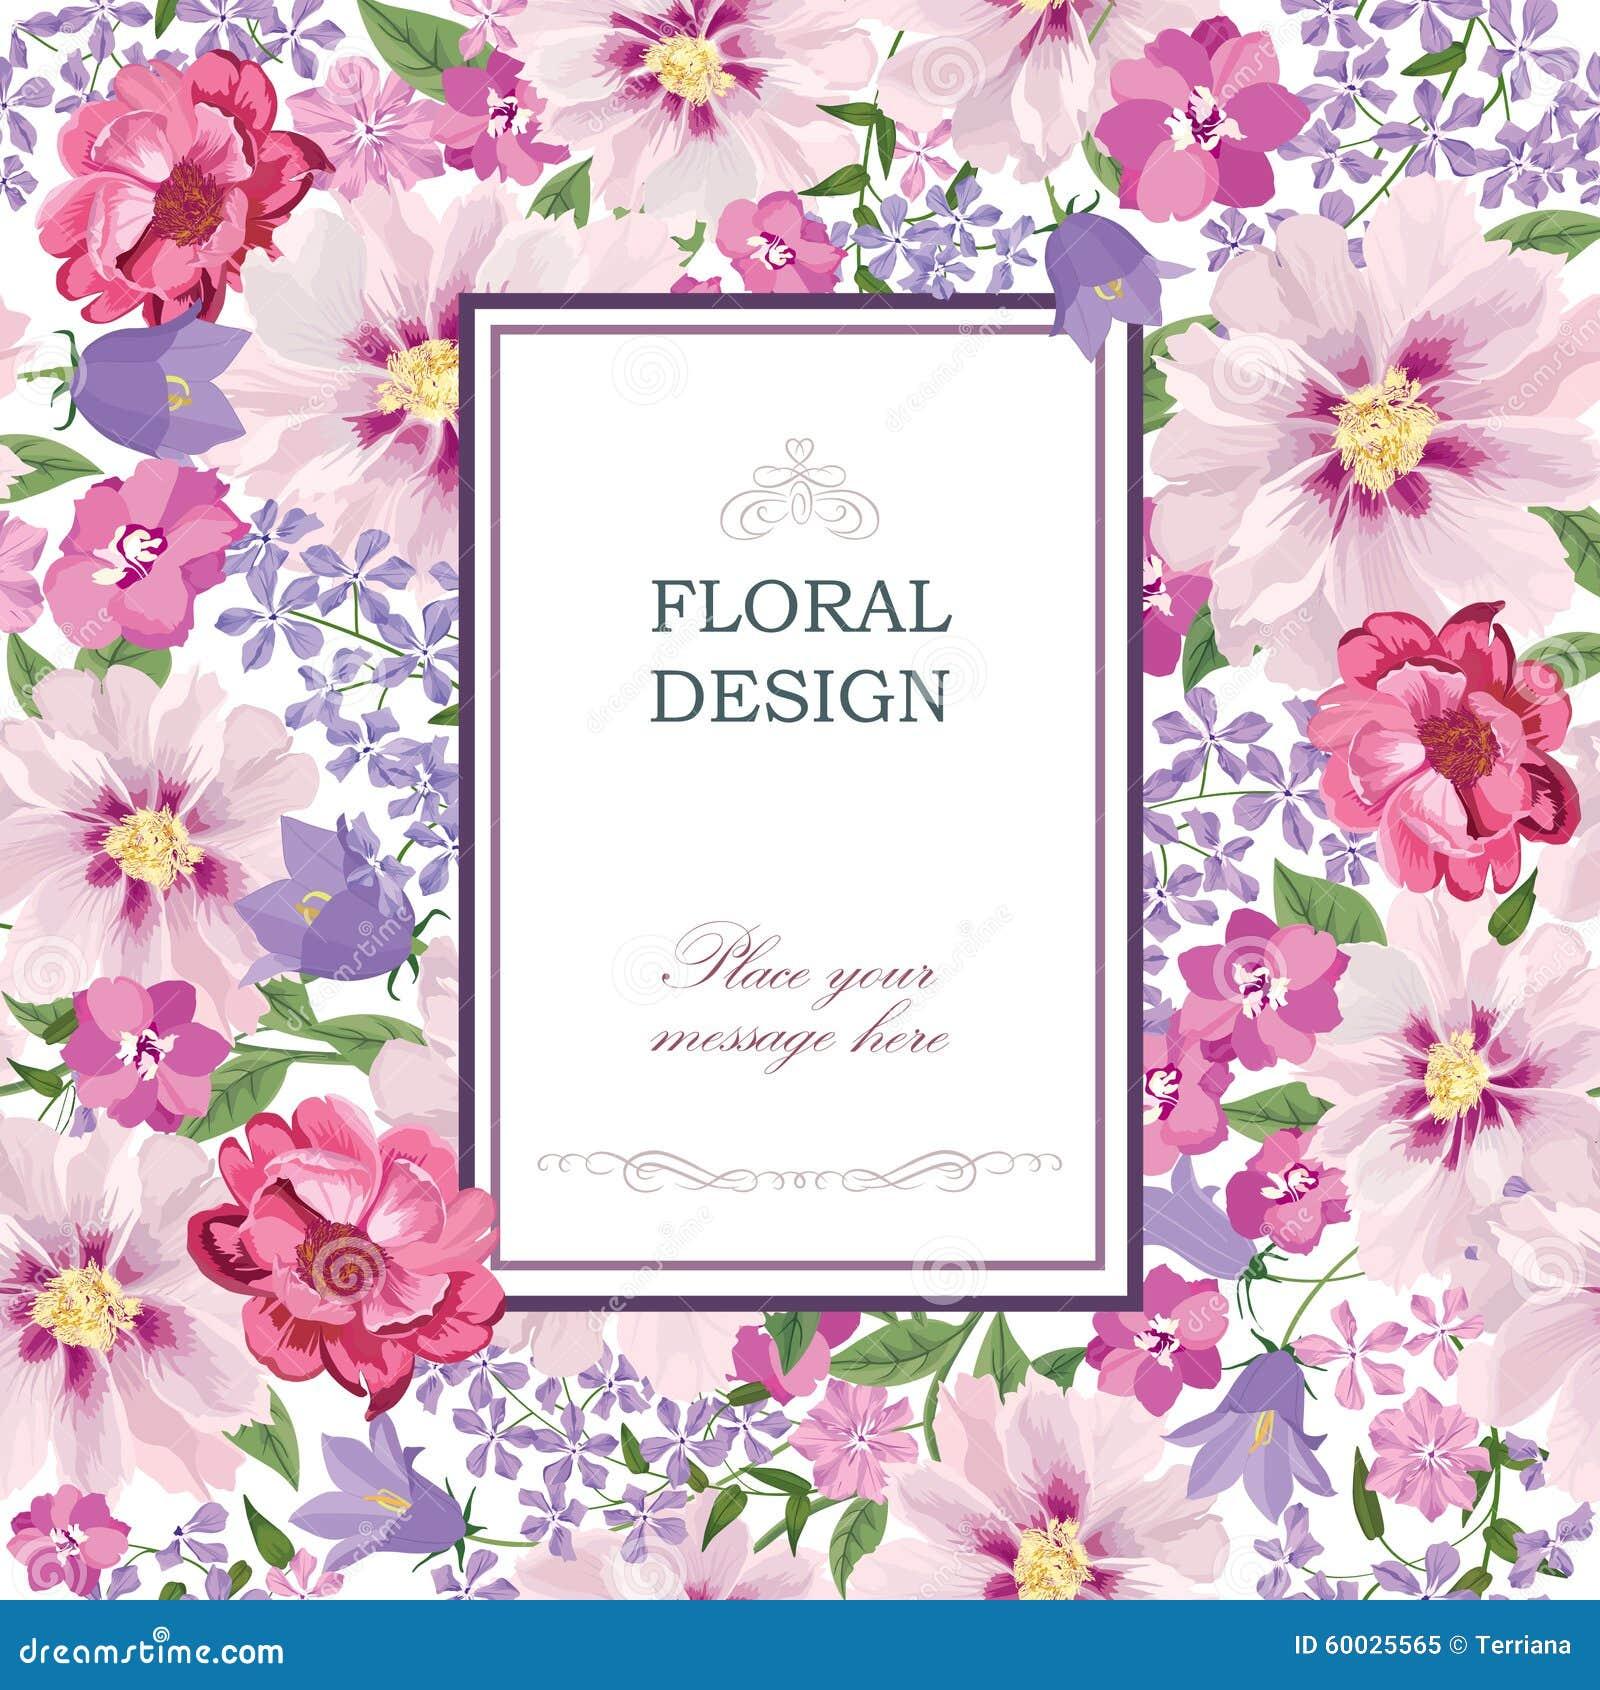 Floral background flower bouquet vintage cover flourish pattern wallpaper s - Papier peint annee 50 ...